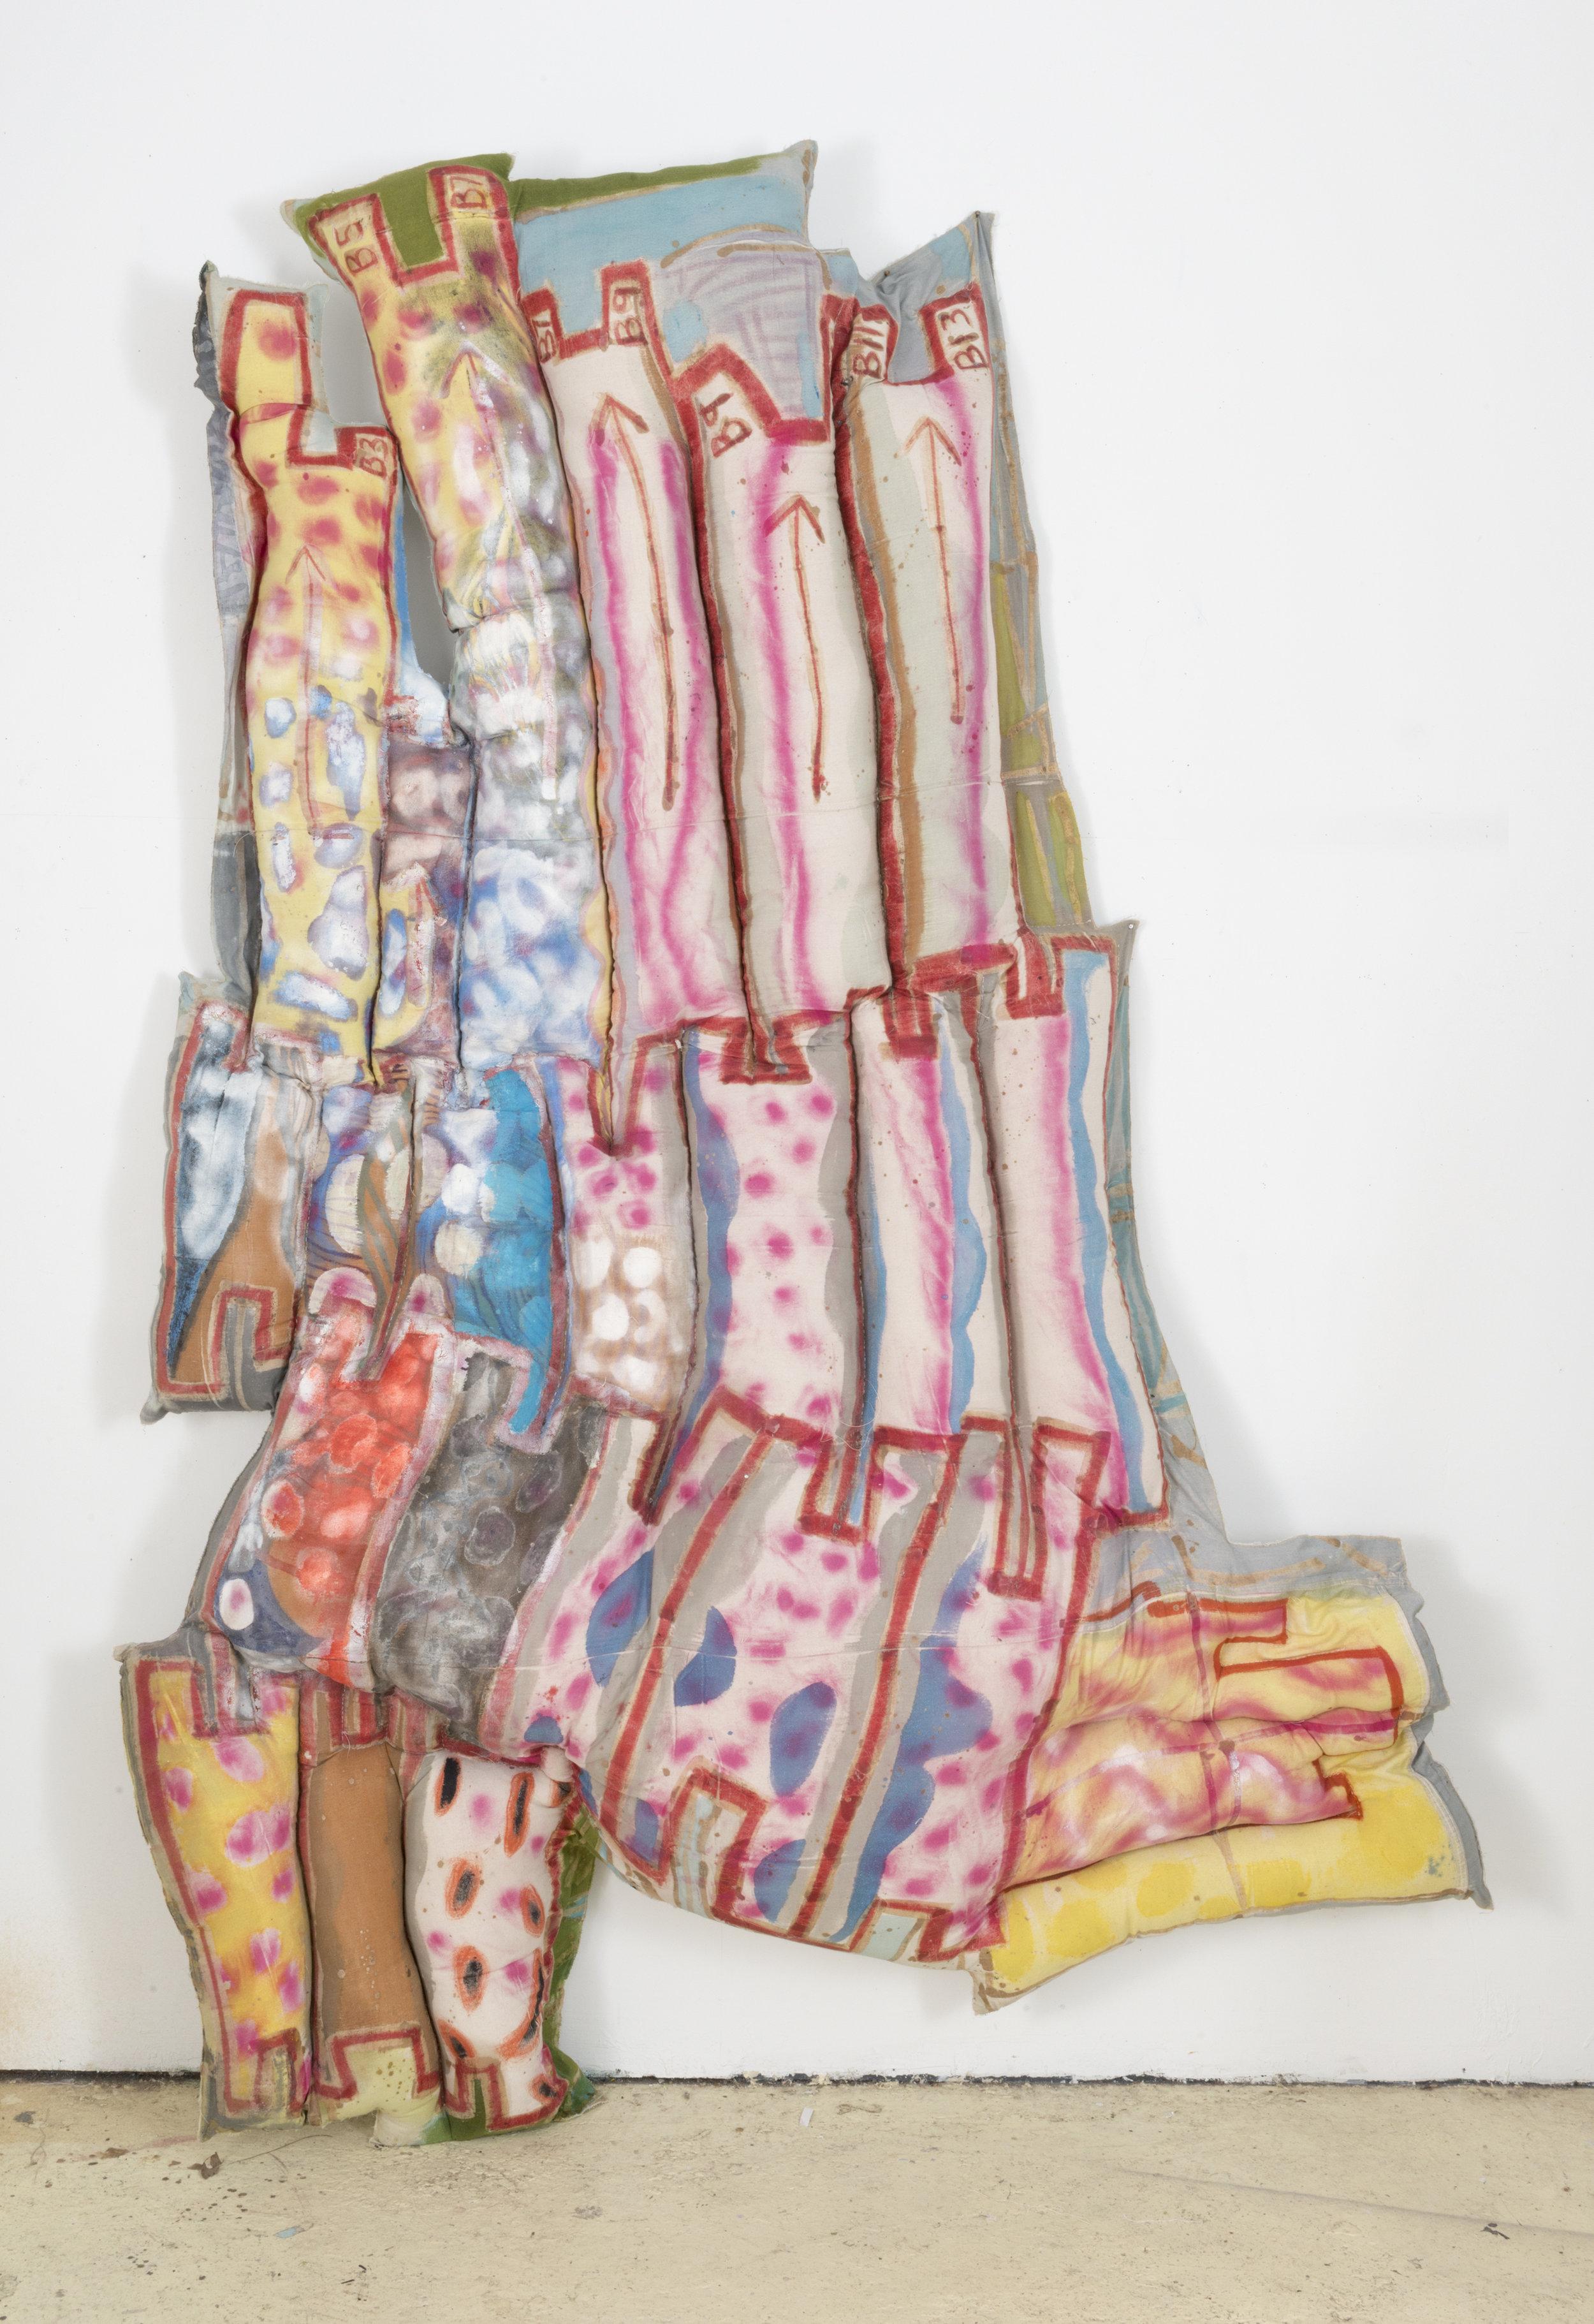 Slump , 2017, Acrylic, dye, canvas, thread, polyfil stuffing, Dimensions Variable